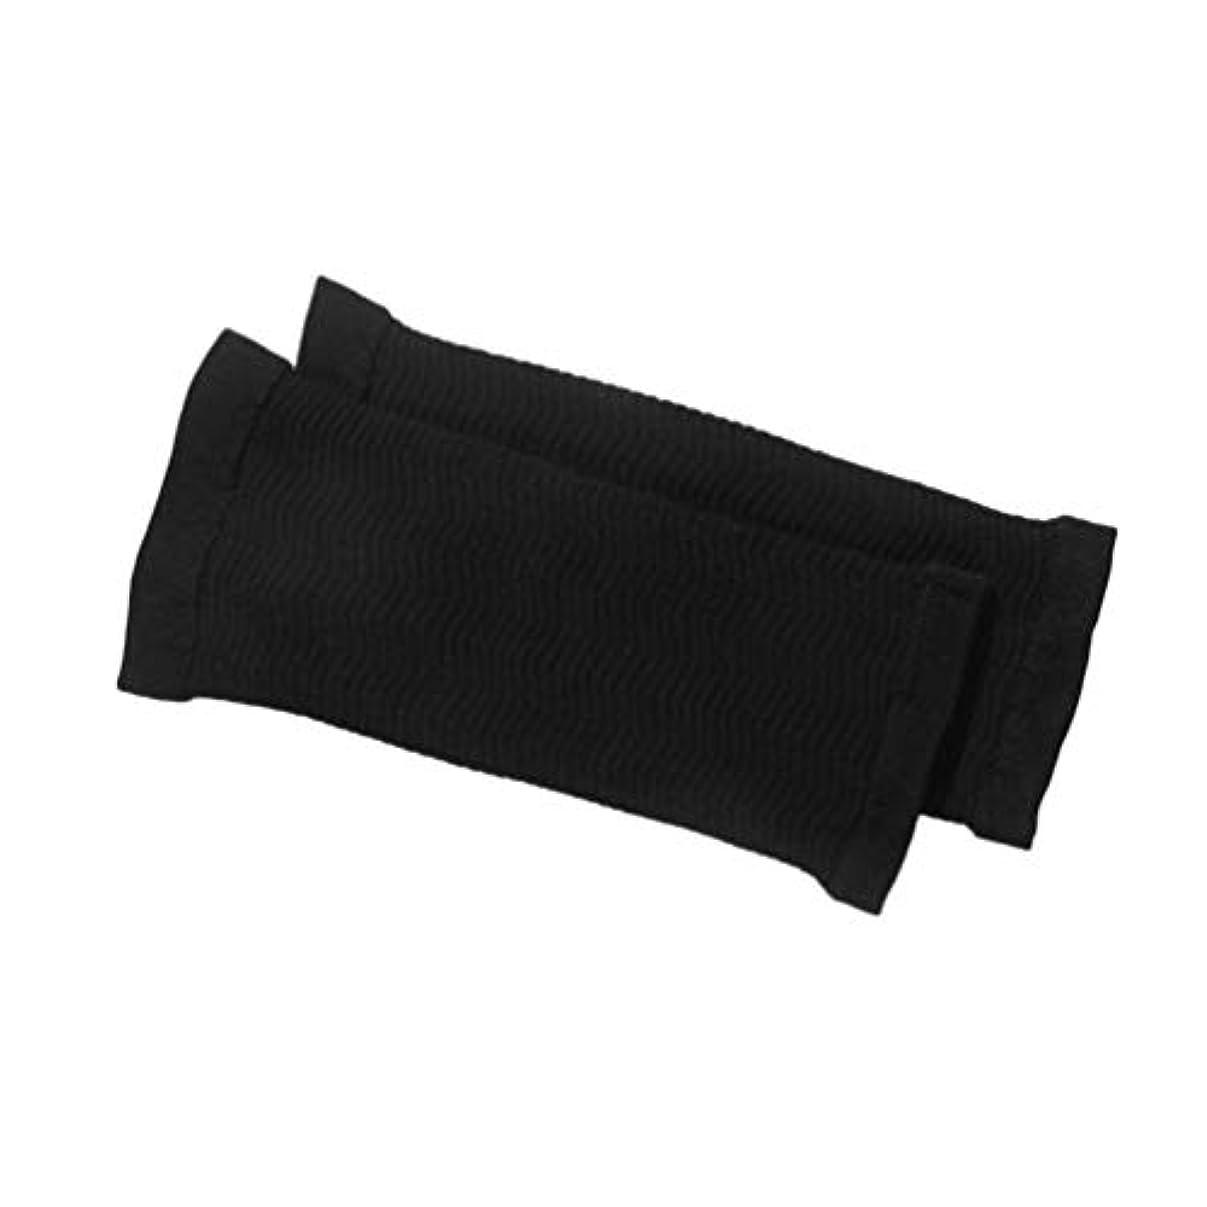 主にアフリカ人代名詞1ペア420 D圧縮痩身アームスリーブワークアウトトーニングバーンセルライトシェイパー脂肪燃焼袖用女性 - 黒